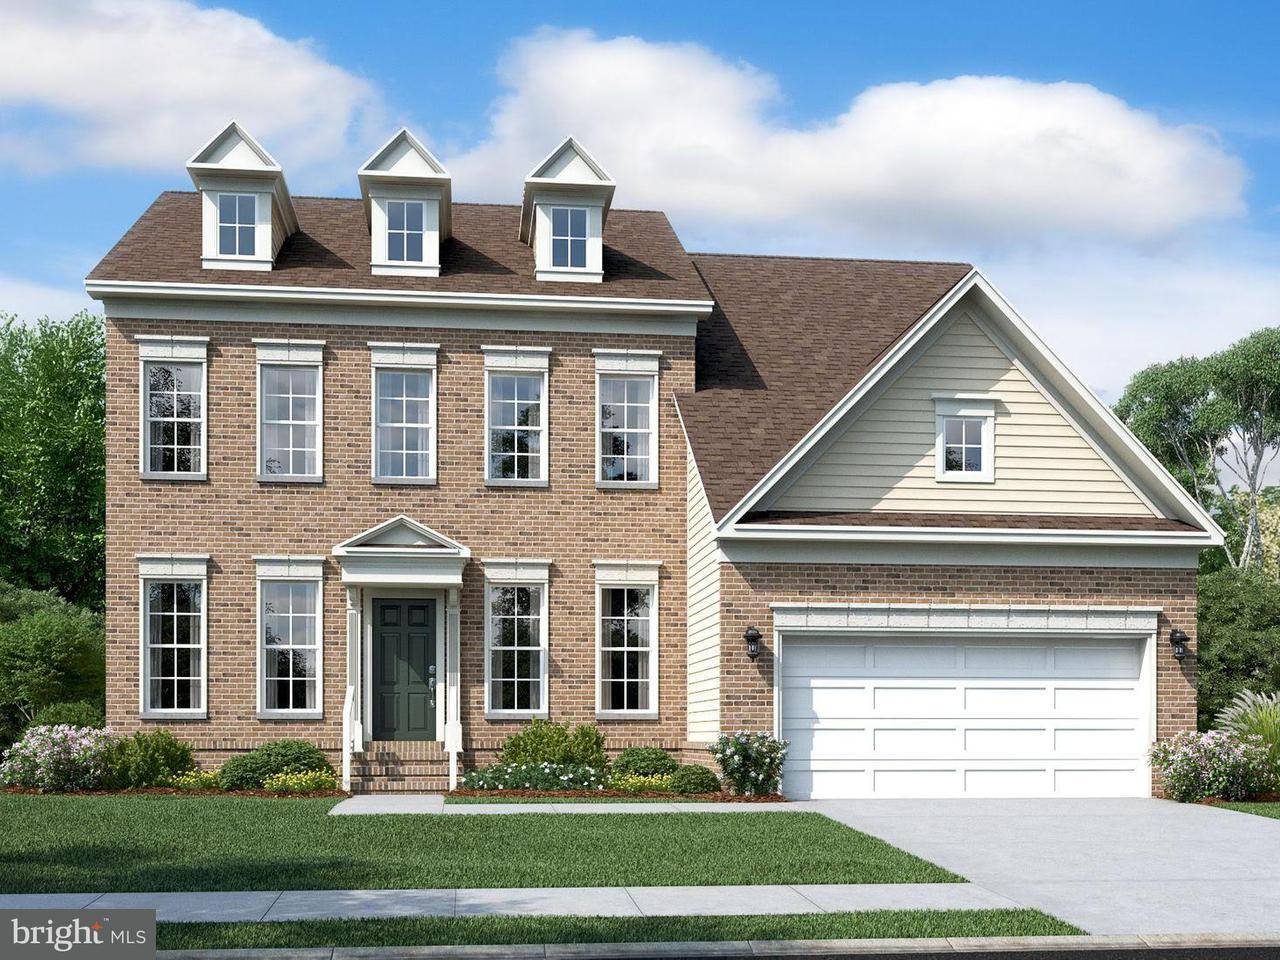 단독 가정 주택 용 매매 에 9342 RAVENRIDGE Road 9342 RAVENRIDGE Road Parkville, 메릴랜드 21234 미국